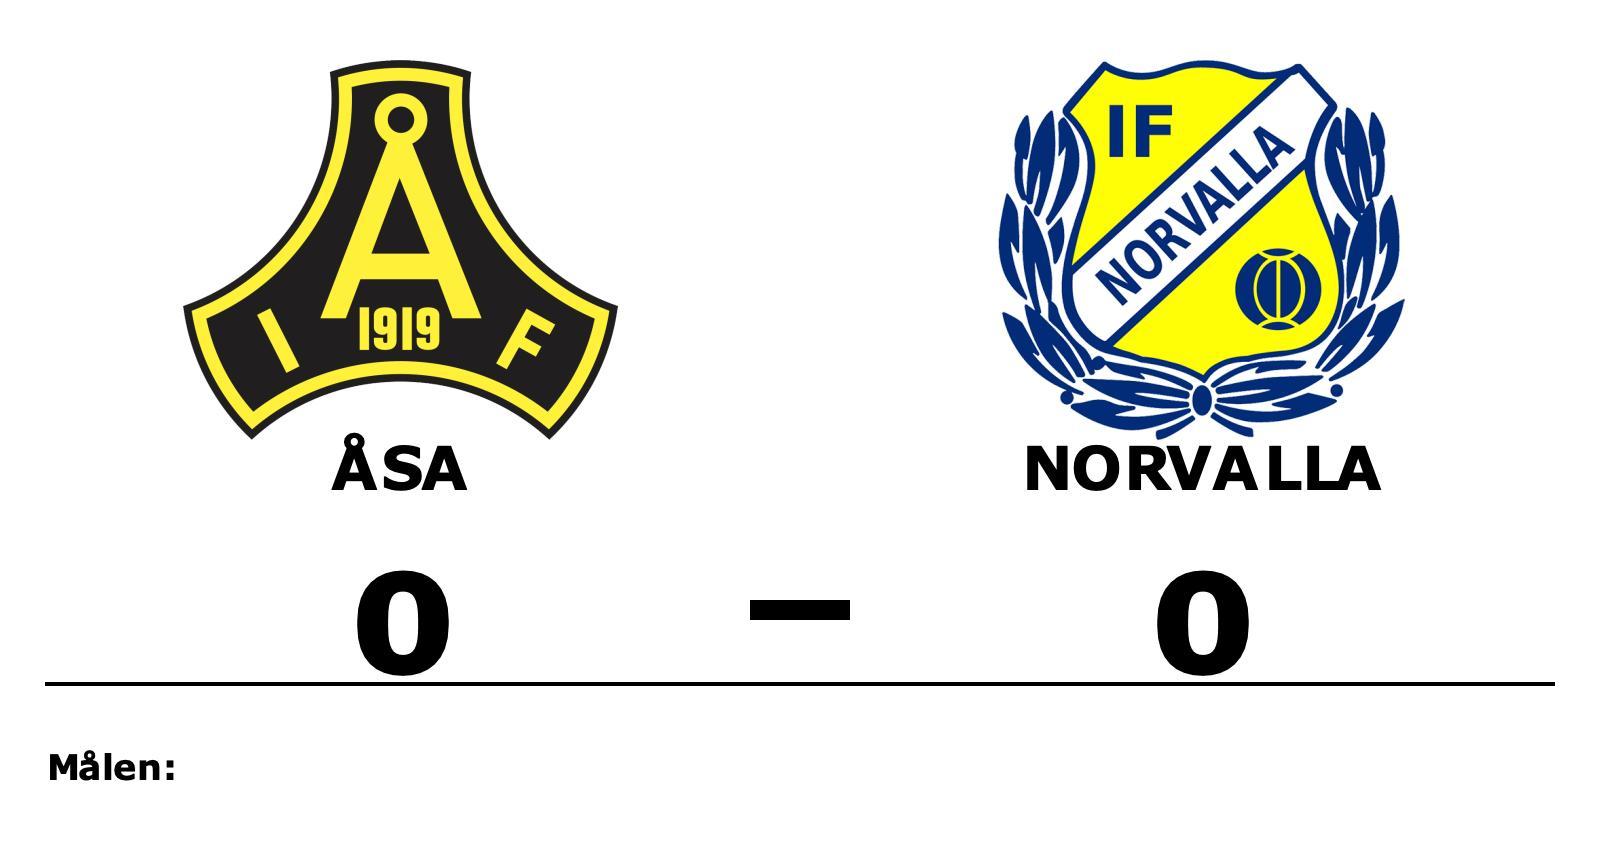 Åsa och Norvalla kryssade i mållös match